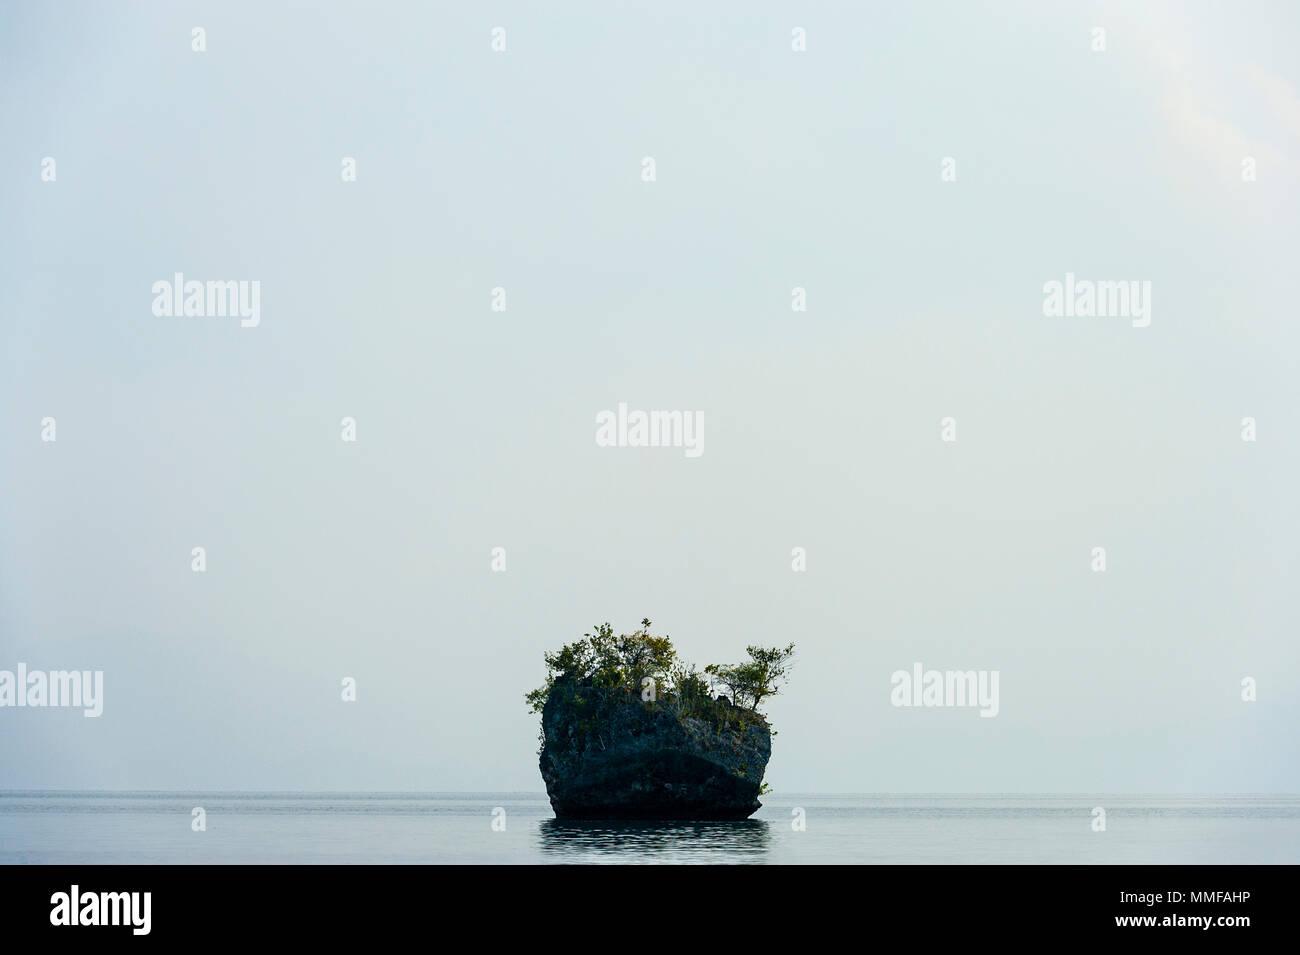 A small limestone island in a dead calm sea. - Stock Image